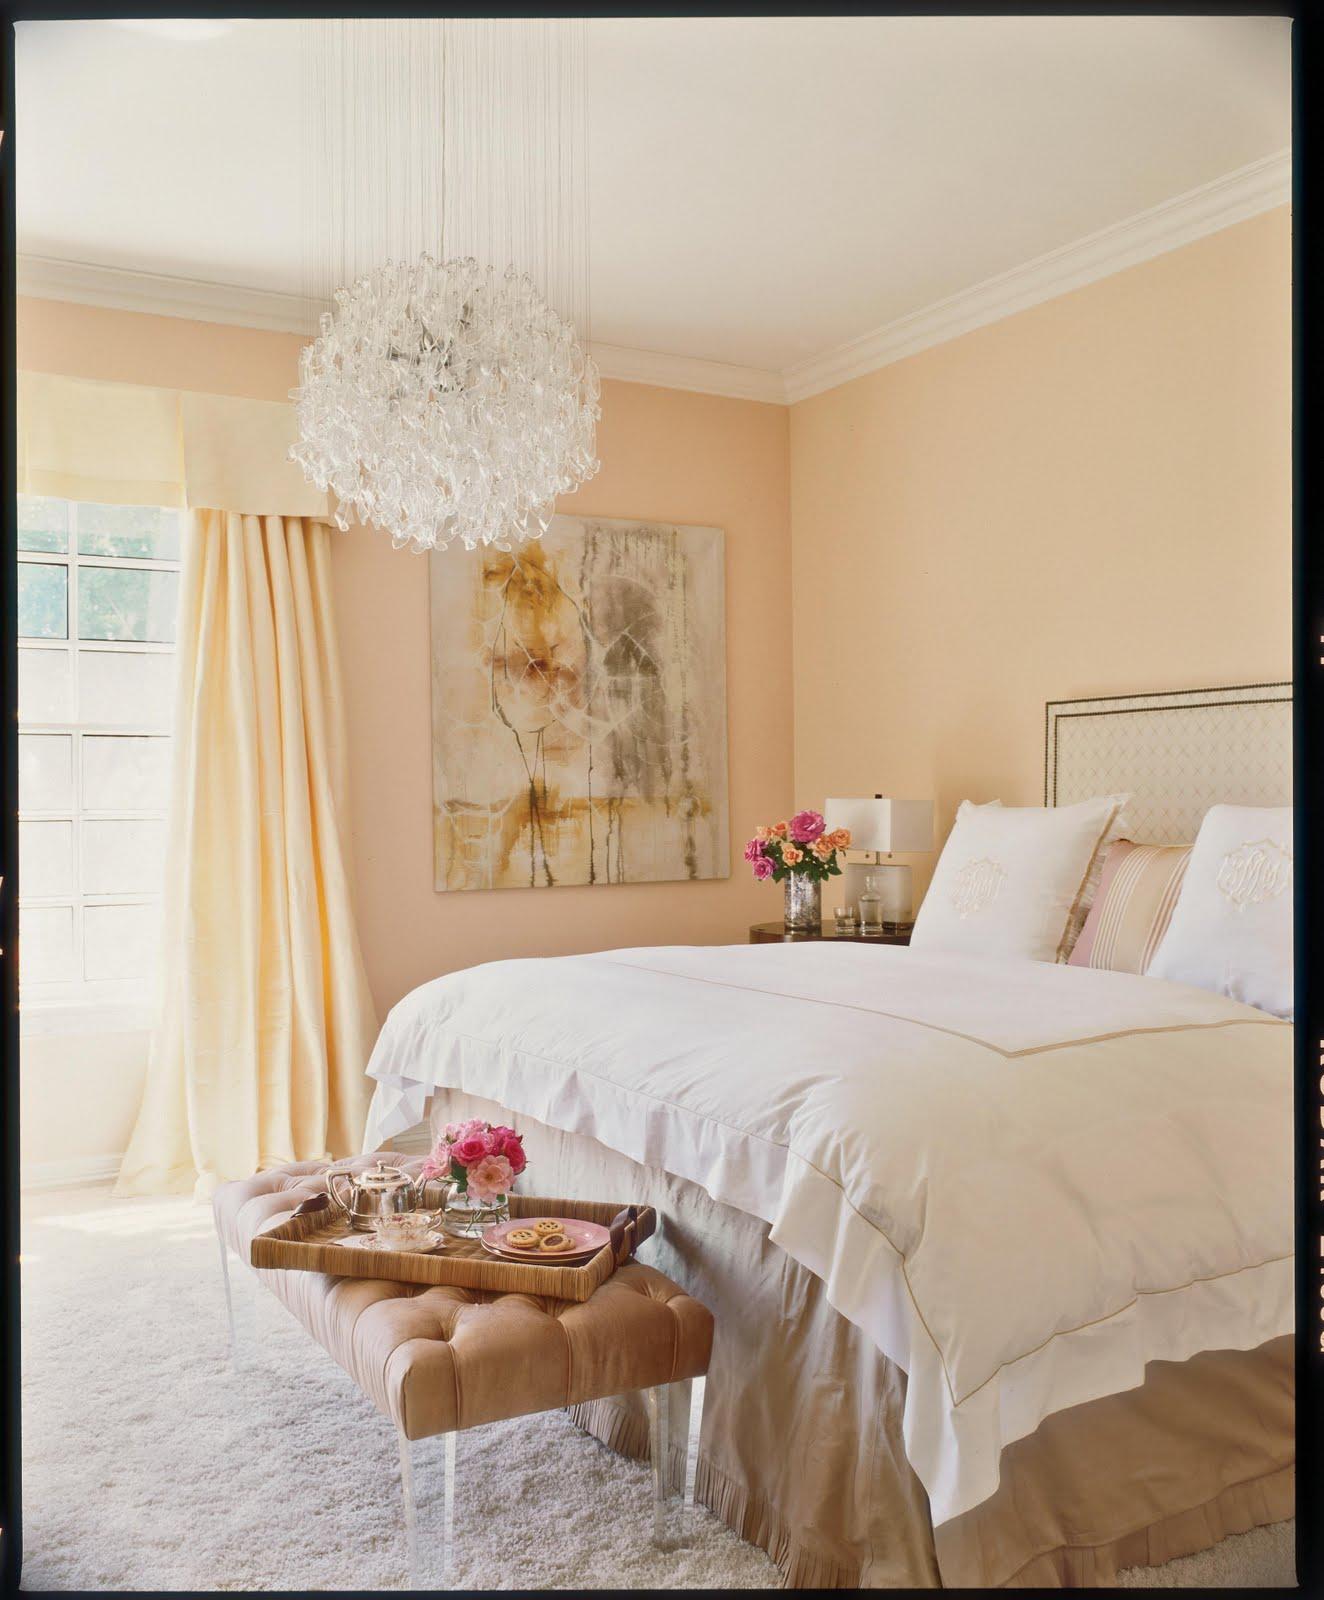 jennifer lopez 39 s california home. Black Bedroom Furniture Sets. Home Design Ideas